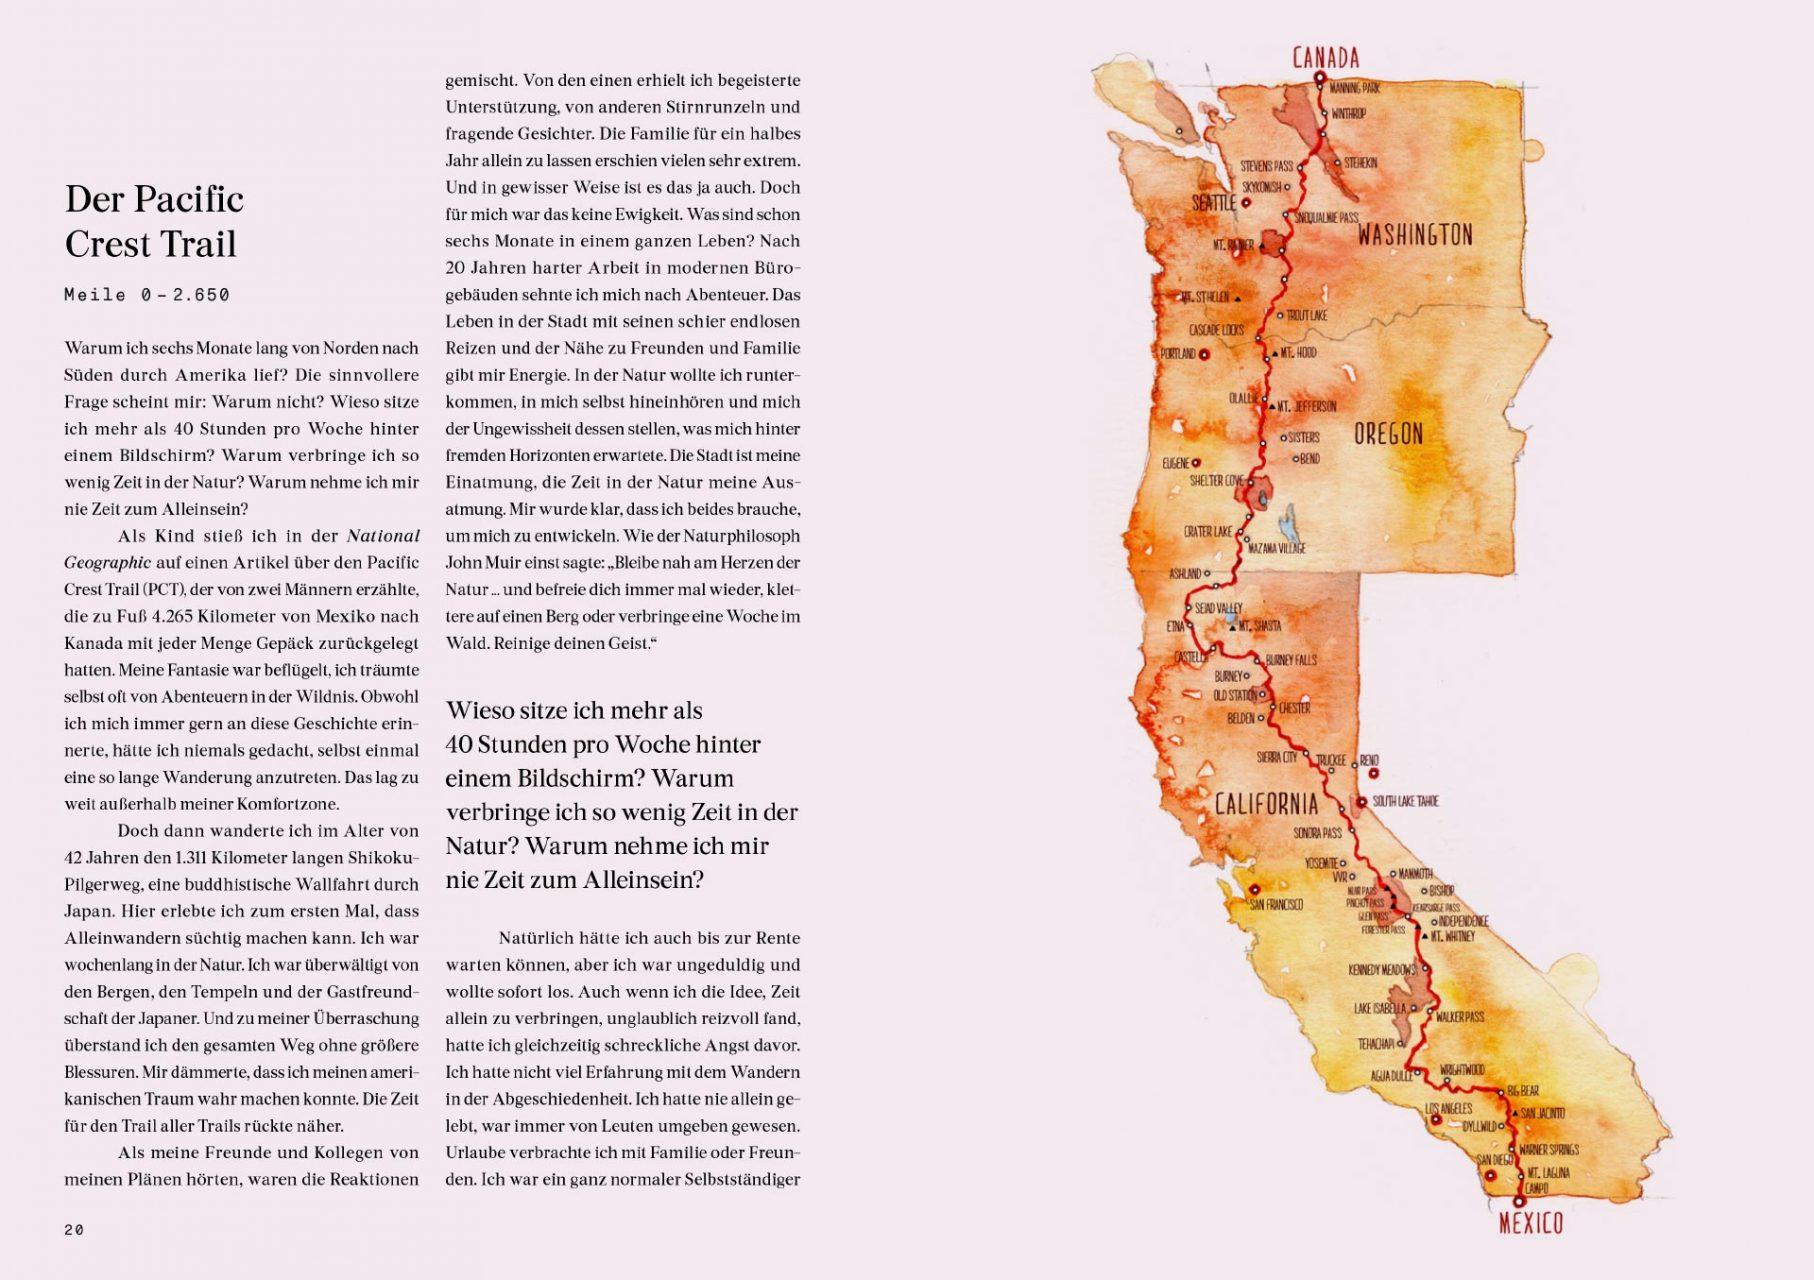 """Überblick Pacific Crest Trail, Doppelseite aus dem Buch """"Allein"""", erschienen im Gestalten Verlag, @gestalten"""